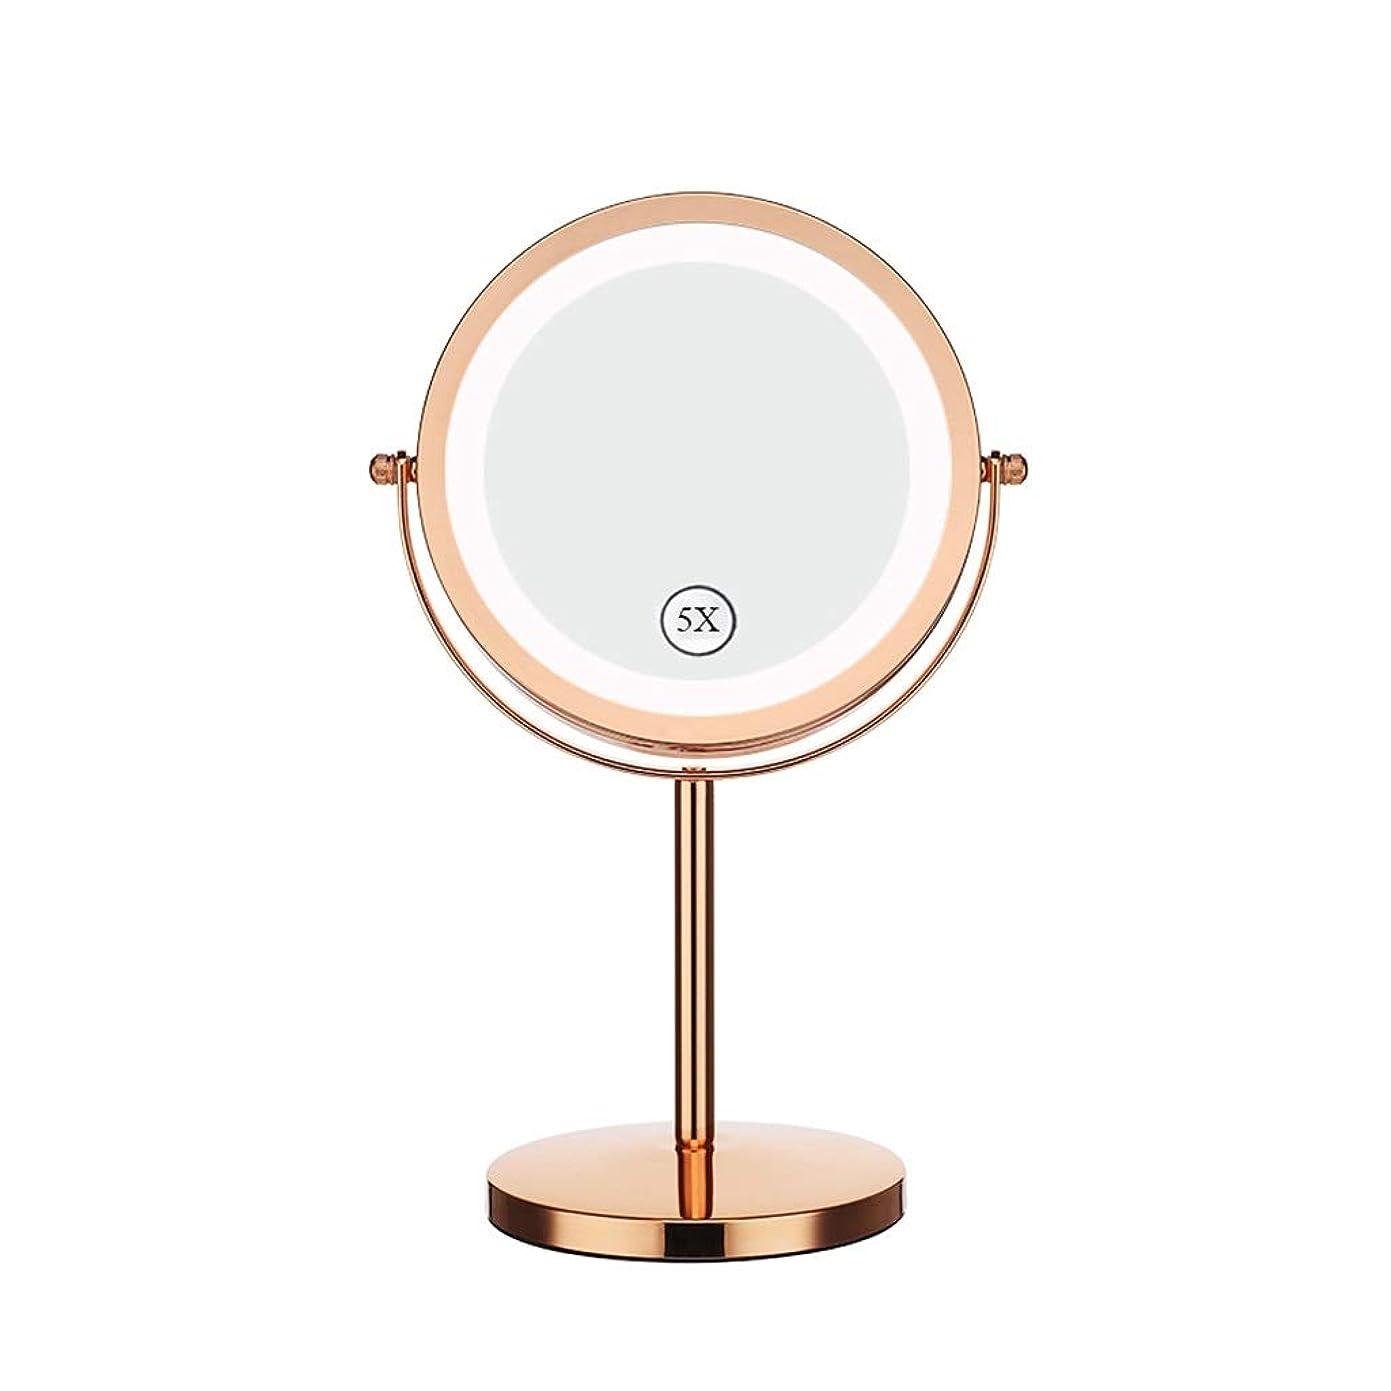 排泄するジャズ差し控える.化粧鏡 フィルライト付きLEDバニティミラー - 5倍拡大鏡360°回転両面卓上美容シェービング化粧鏡 - 電池式 ED化粧鏡1倍/ 2倍/ 3倍/ 5倍/ 10倍拡大鏡ポ